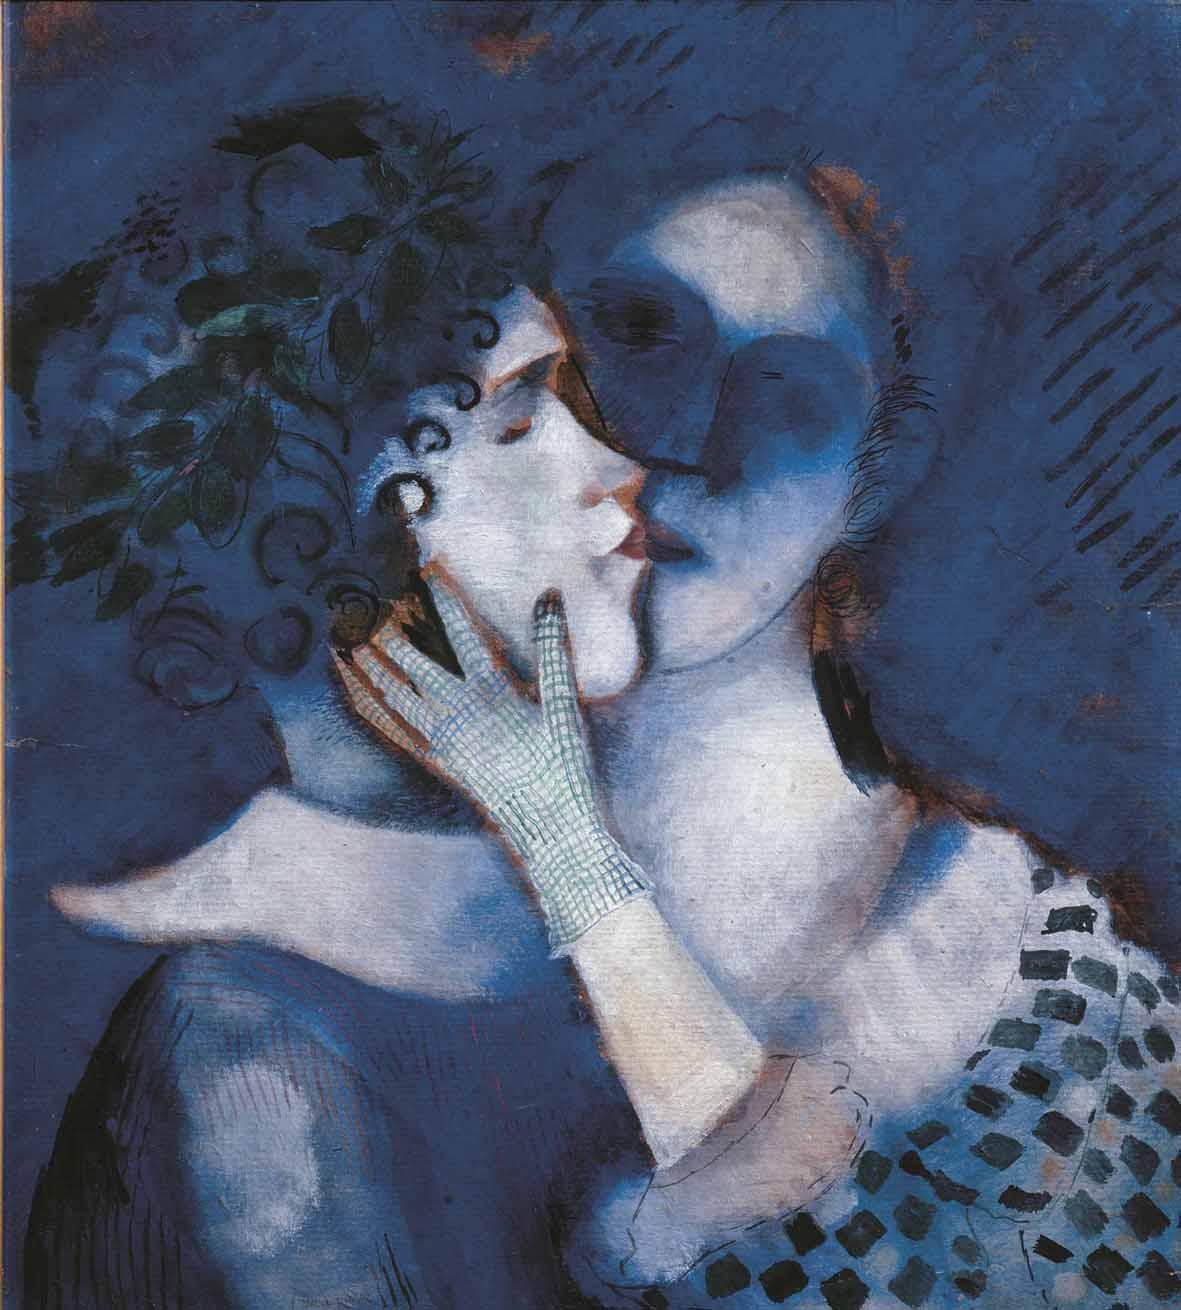 Marc Chagall: Gli amanti in blu, 1914, gouache e pastello su carta, 49 х 44 cm collezione privata © Marc Chagall, by SIAE 2015